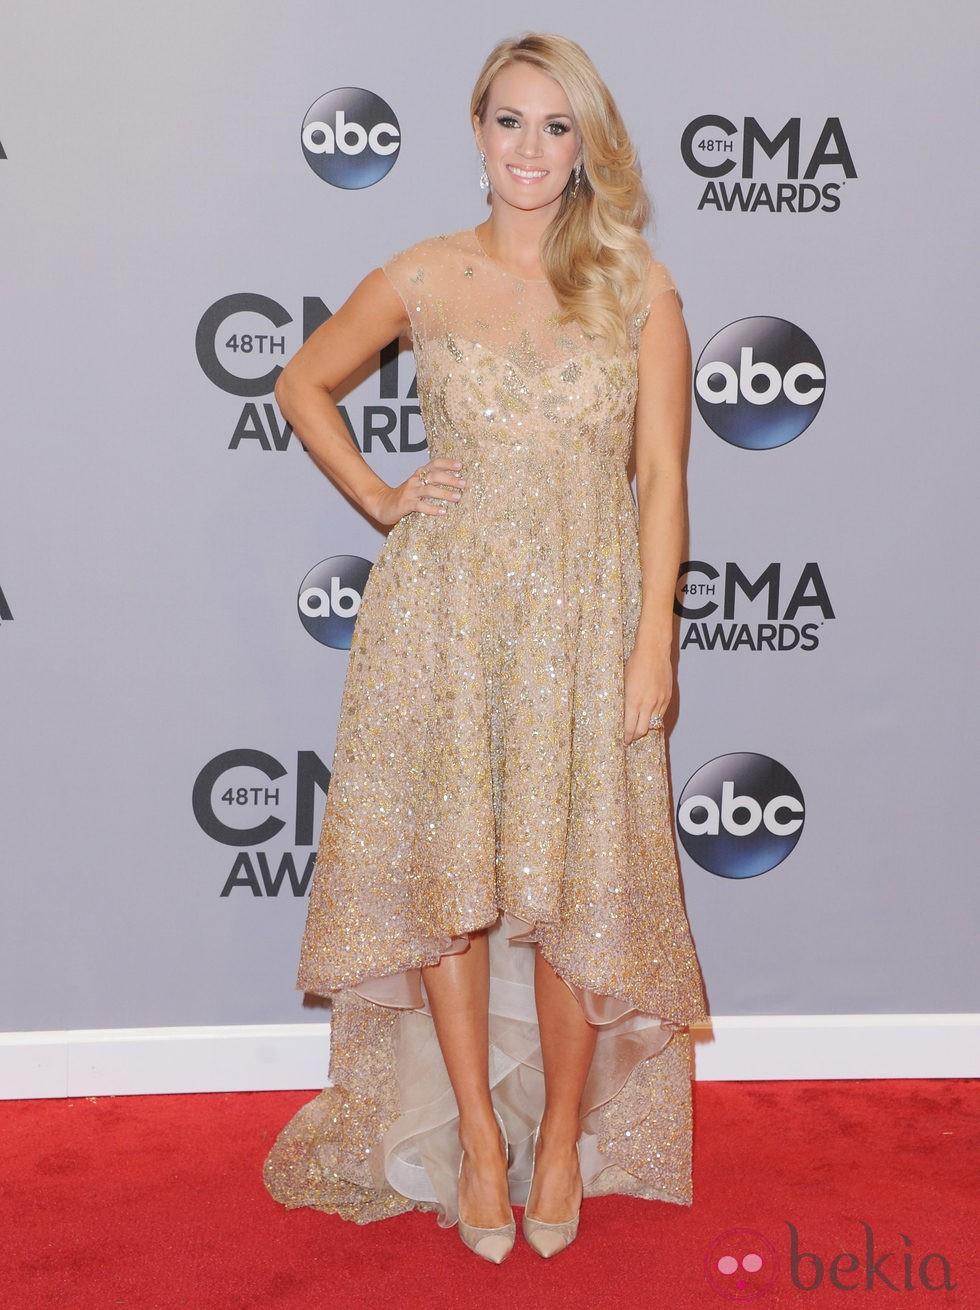 Carrie Underwood en los premios CMA Awards 2014